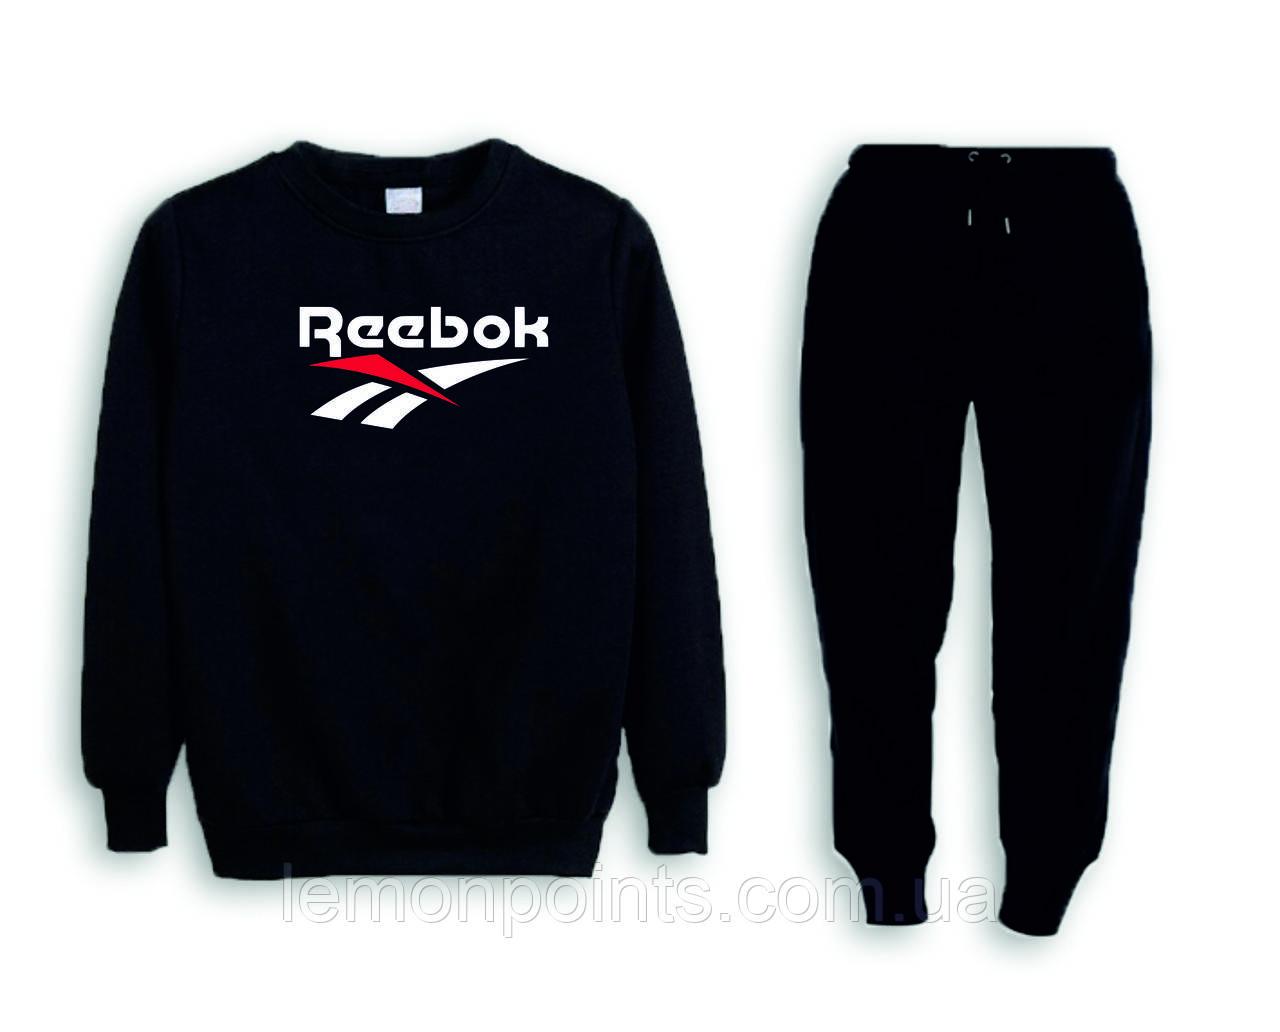 Мужской спортивный костюм (кофта+штаны), чоловічий спортивний костюм Reebok S185 рибок